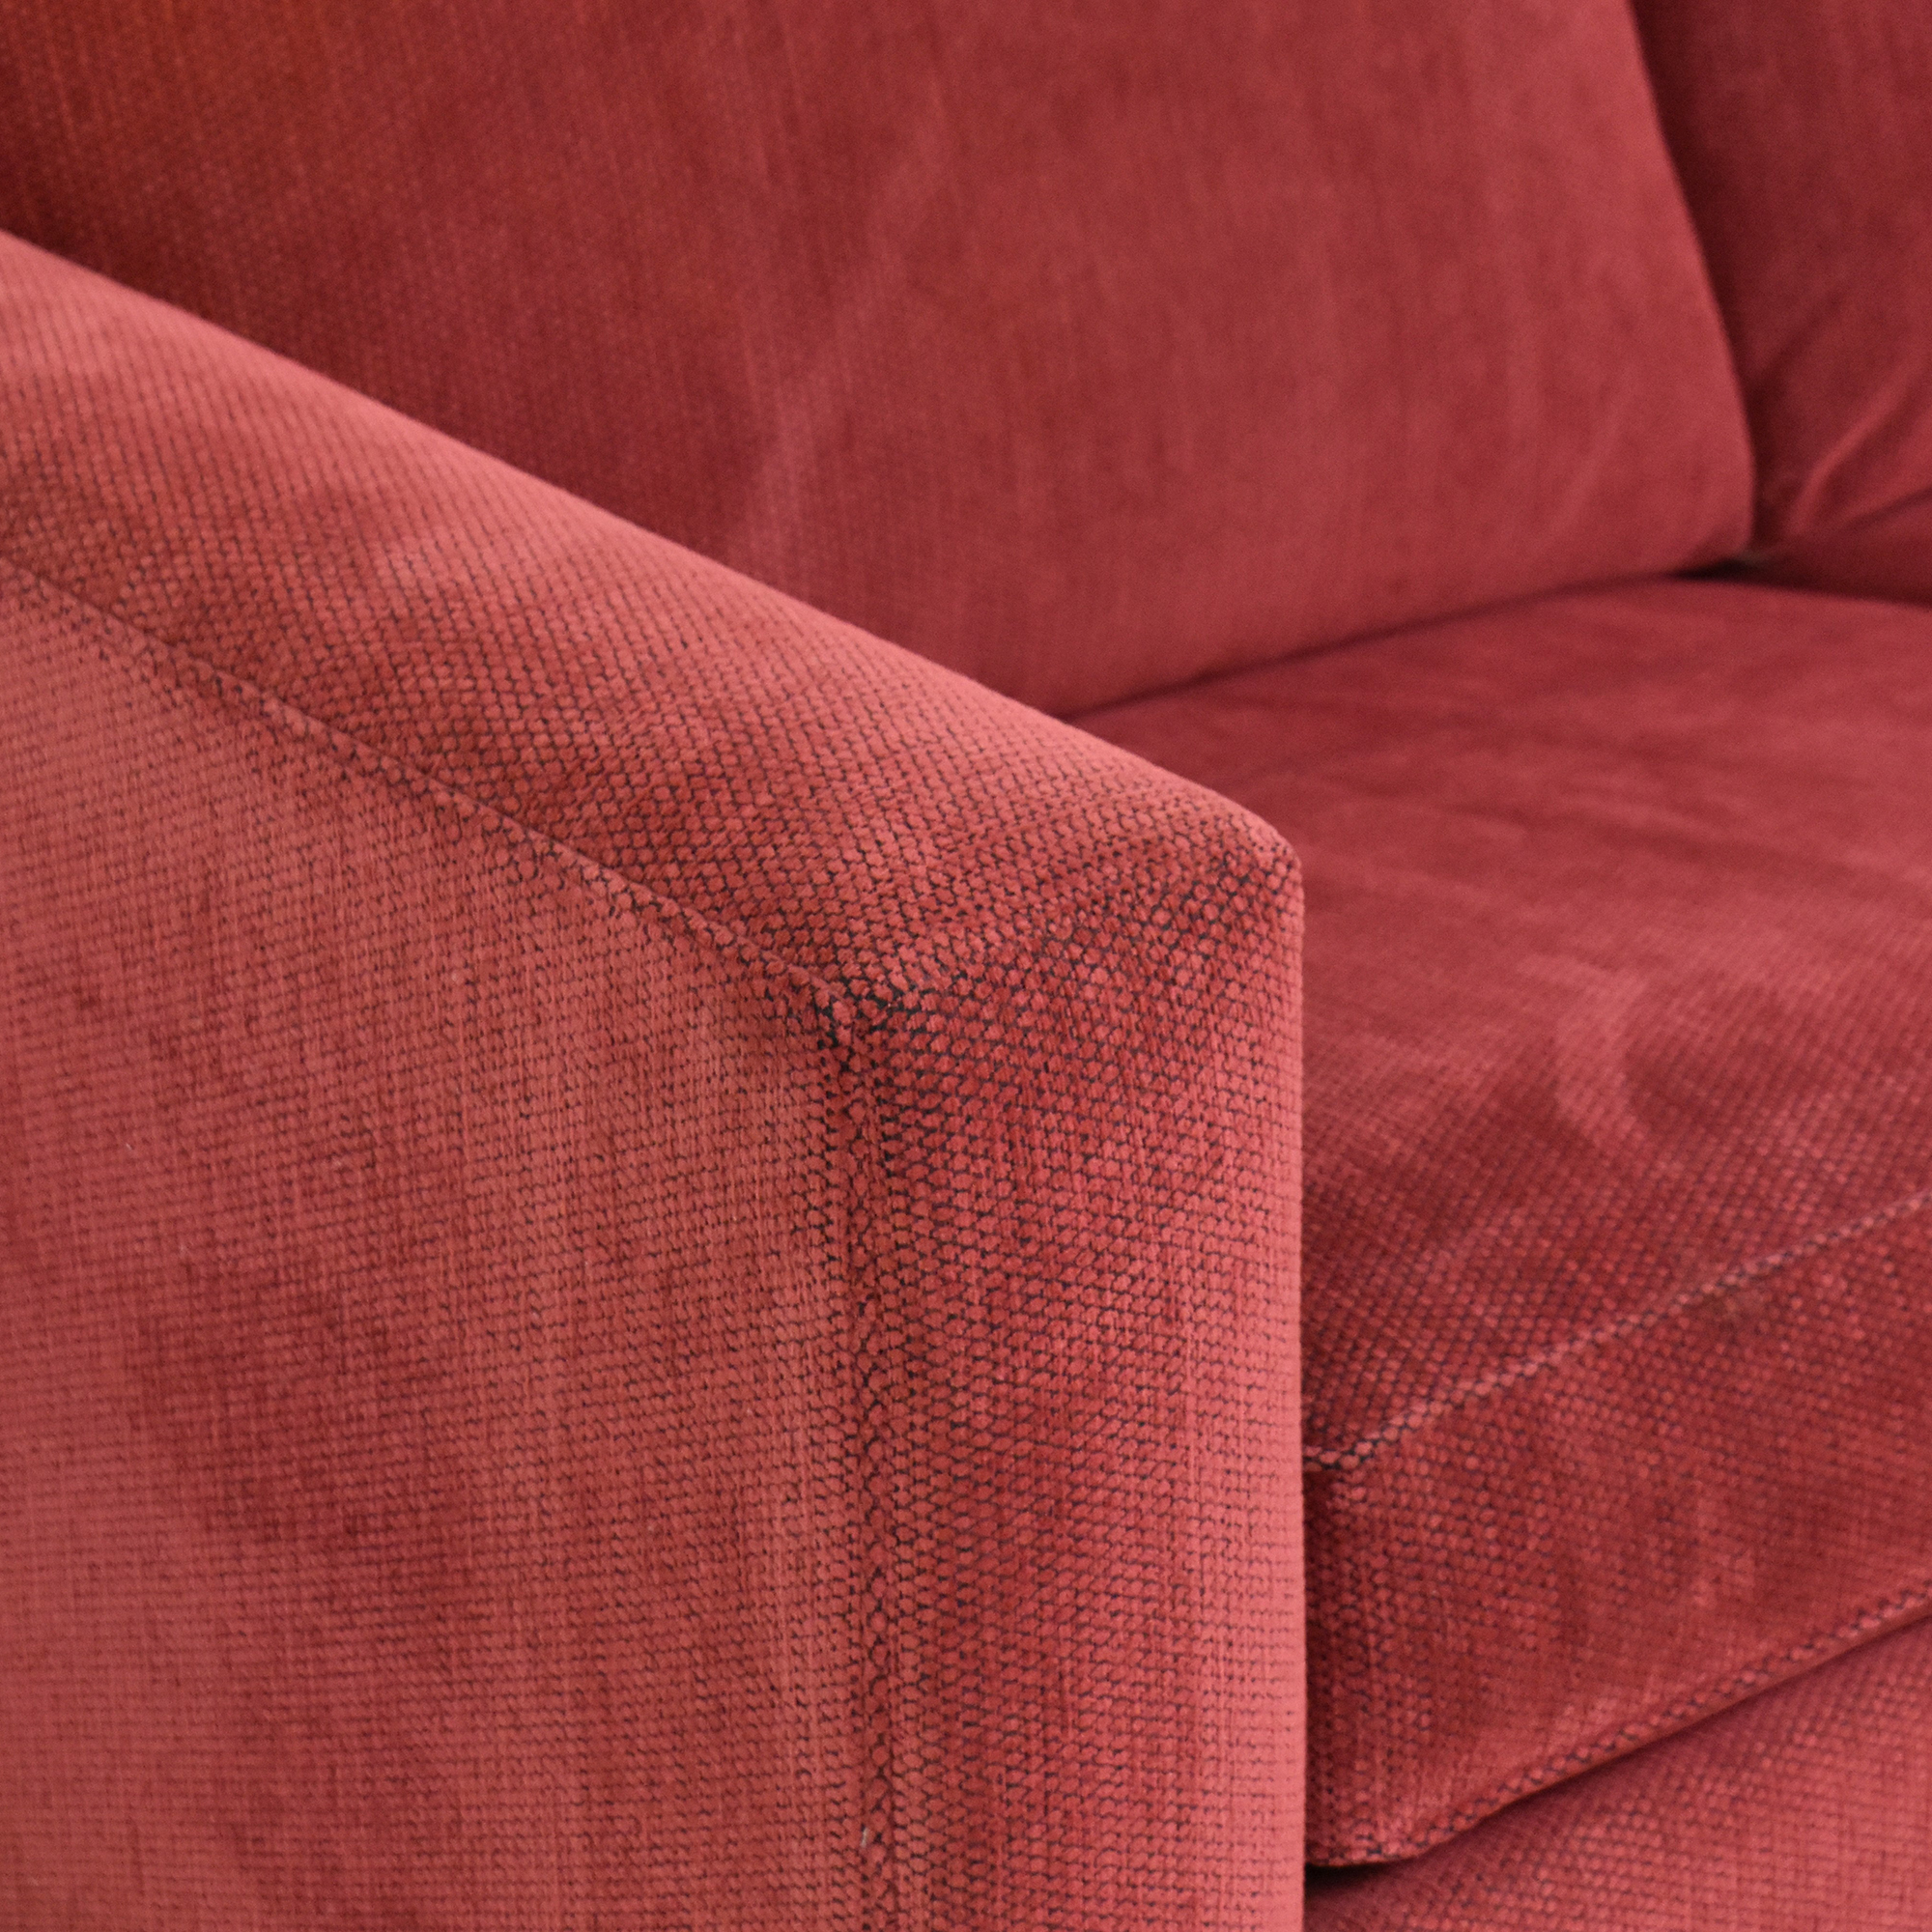 Ethan Allen Ethan Allen Hampton Queen Sleeper Sofa red